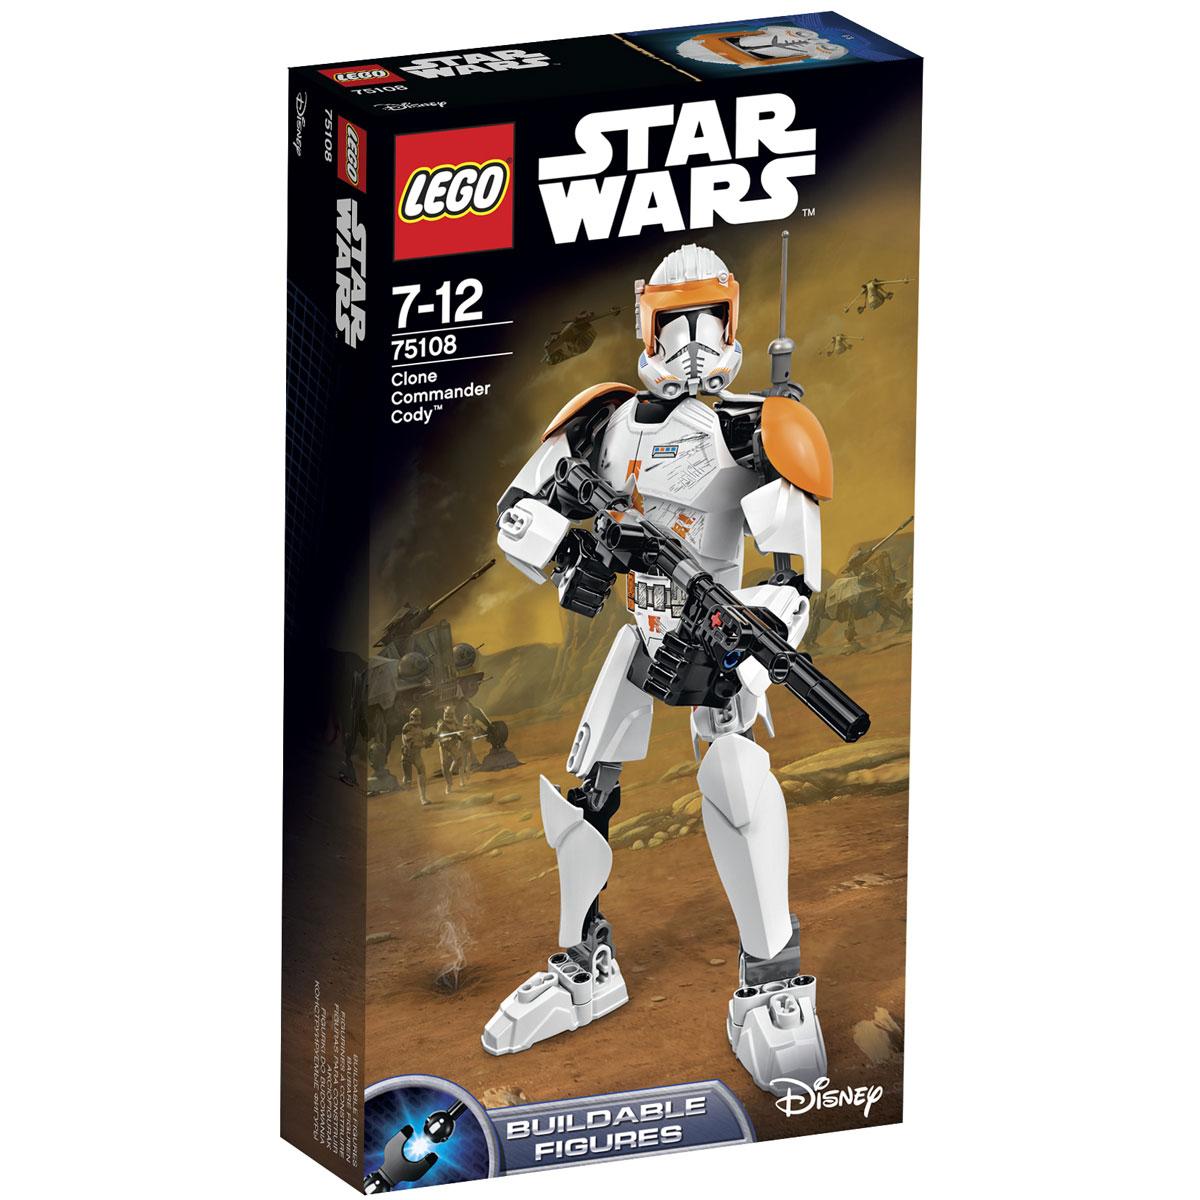 LEGO Star Wars Фигурка-конструктор Клон коммандер Коди 75108